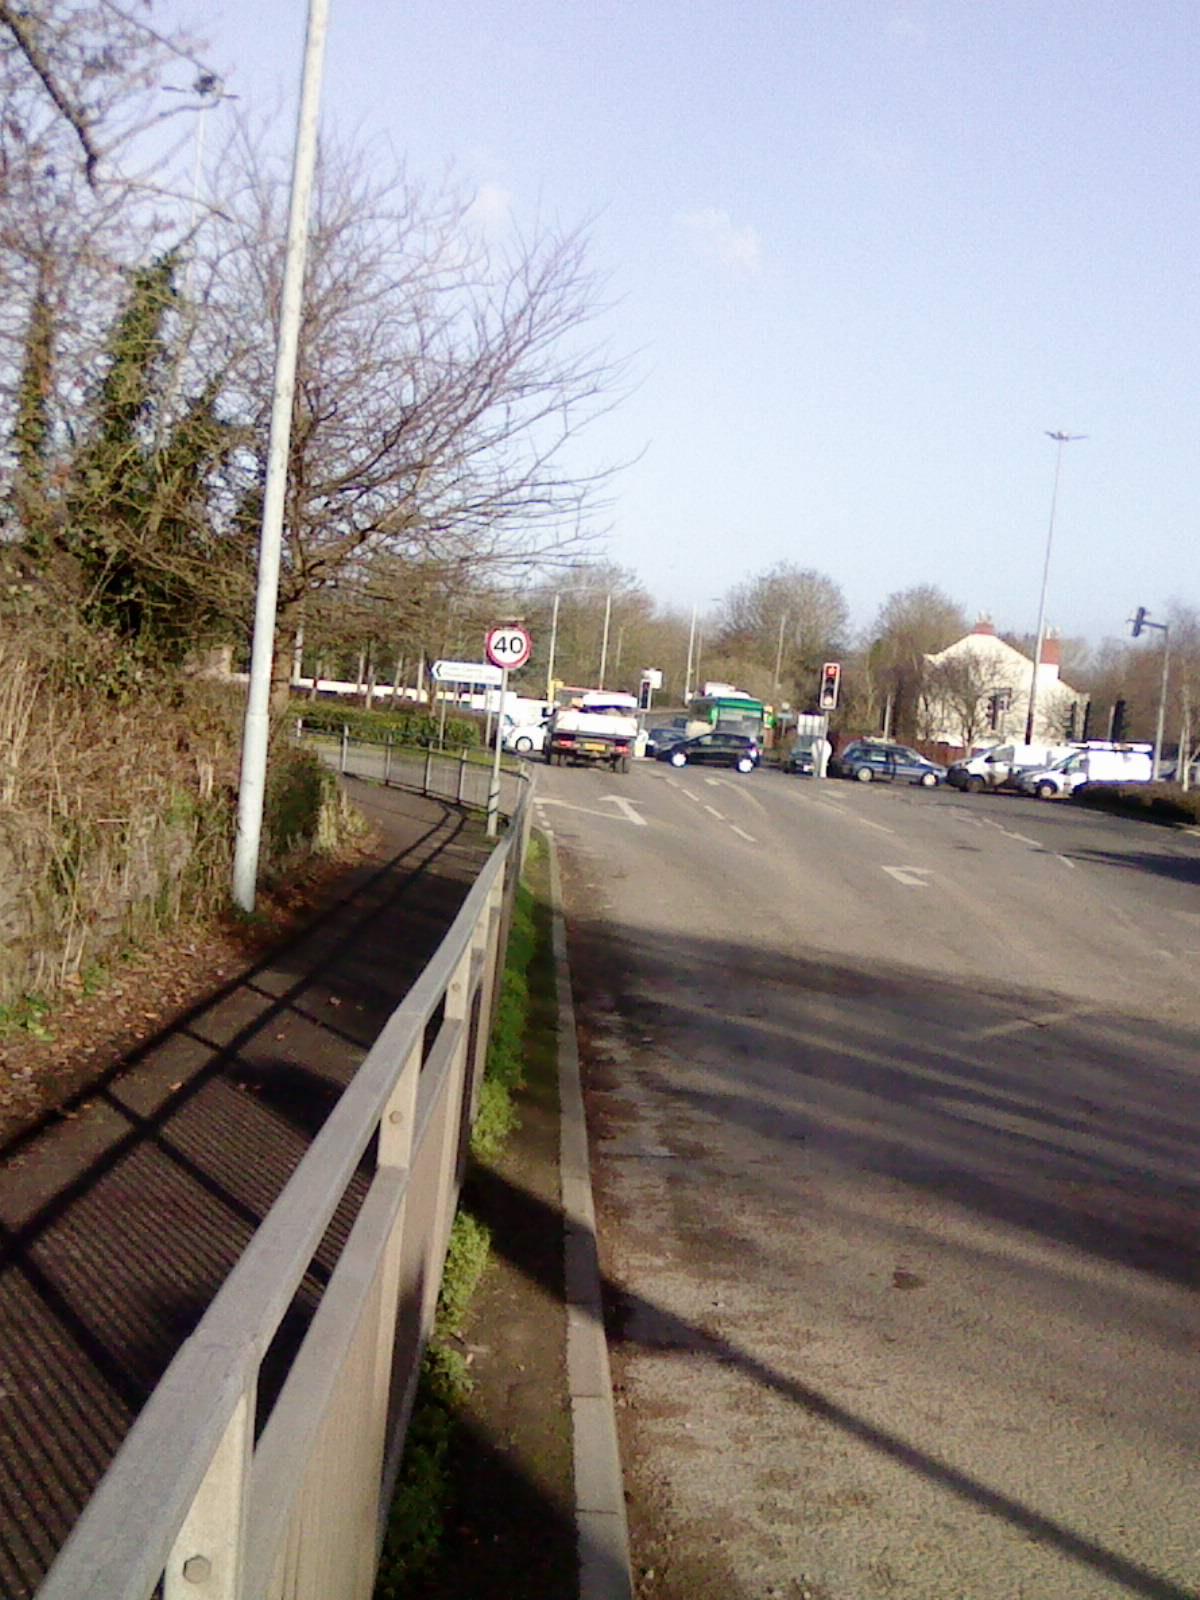 Hotspot: Creech Castle junction